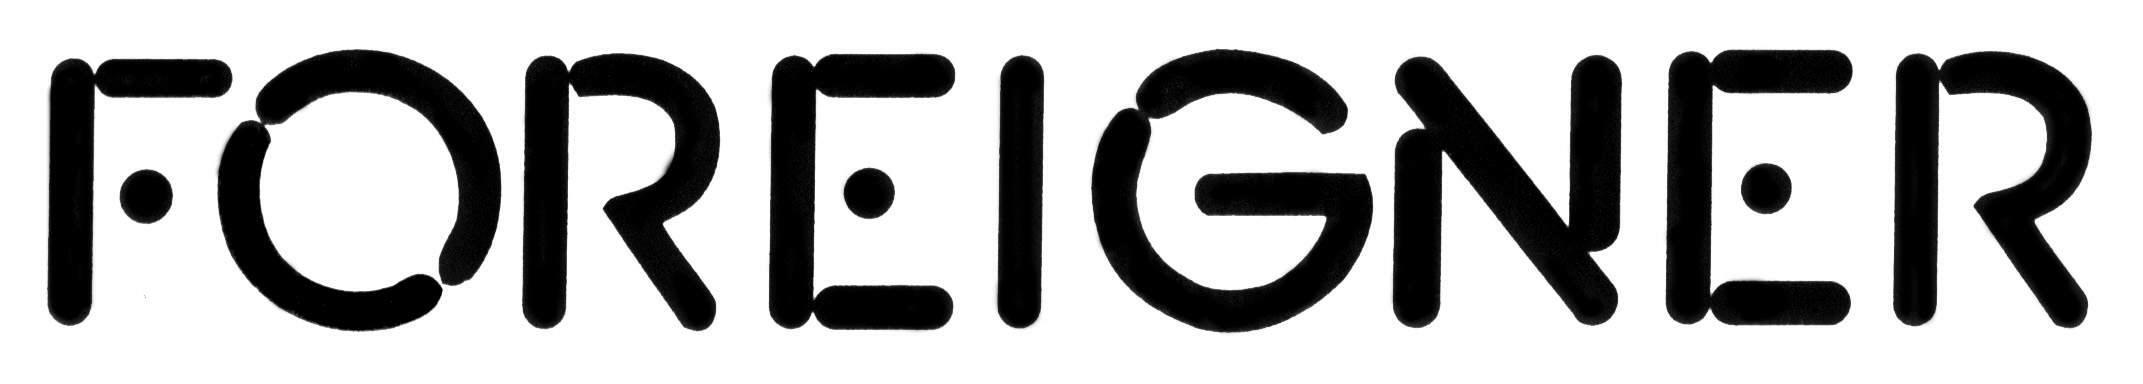 foreigner_logo.jpg